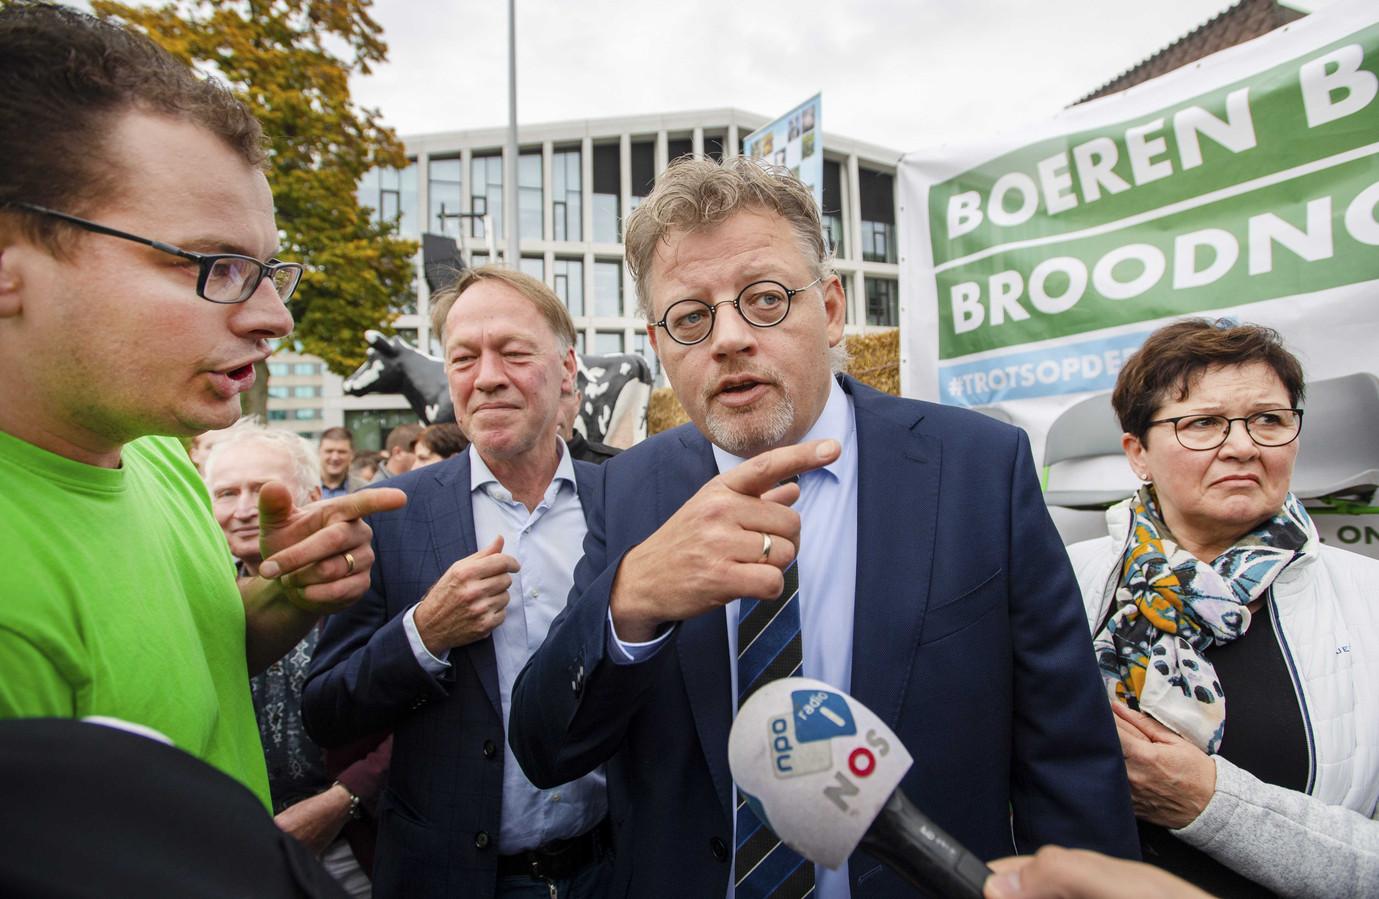 Gelderse landbouwgedeputeerde Peter Drenth (CDA) in gesprek met boeren tijdens een demonstratie bij het provinciehuis van Gelderland.